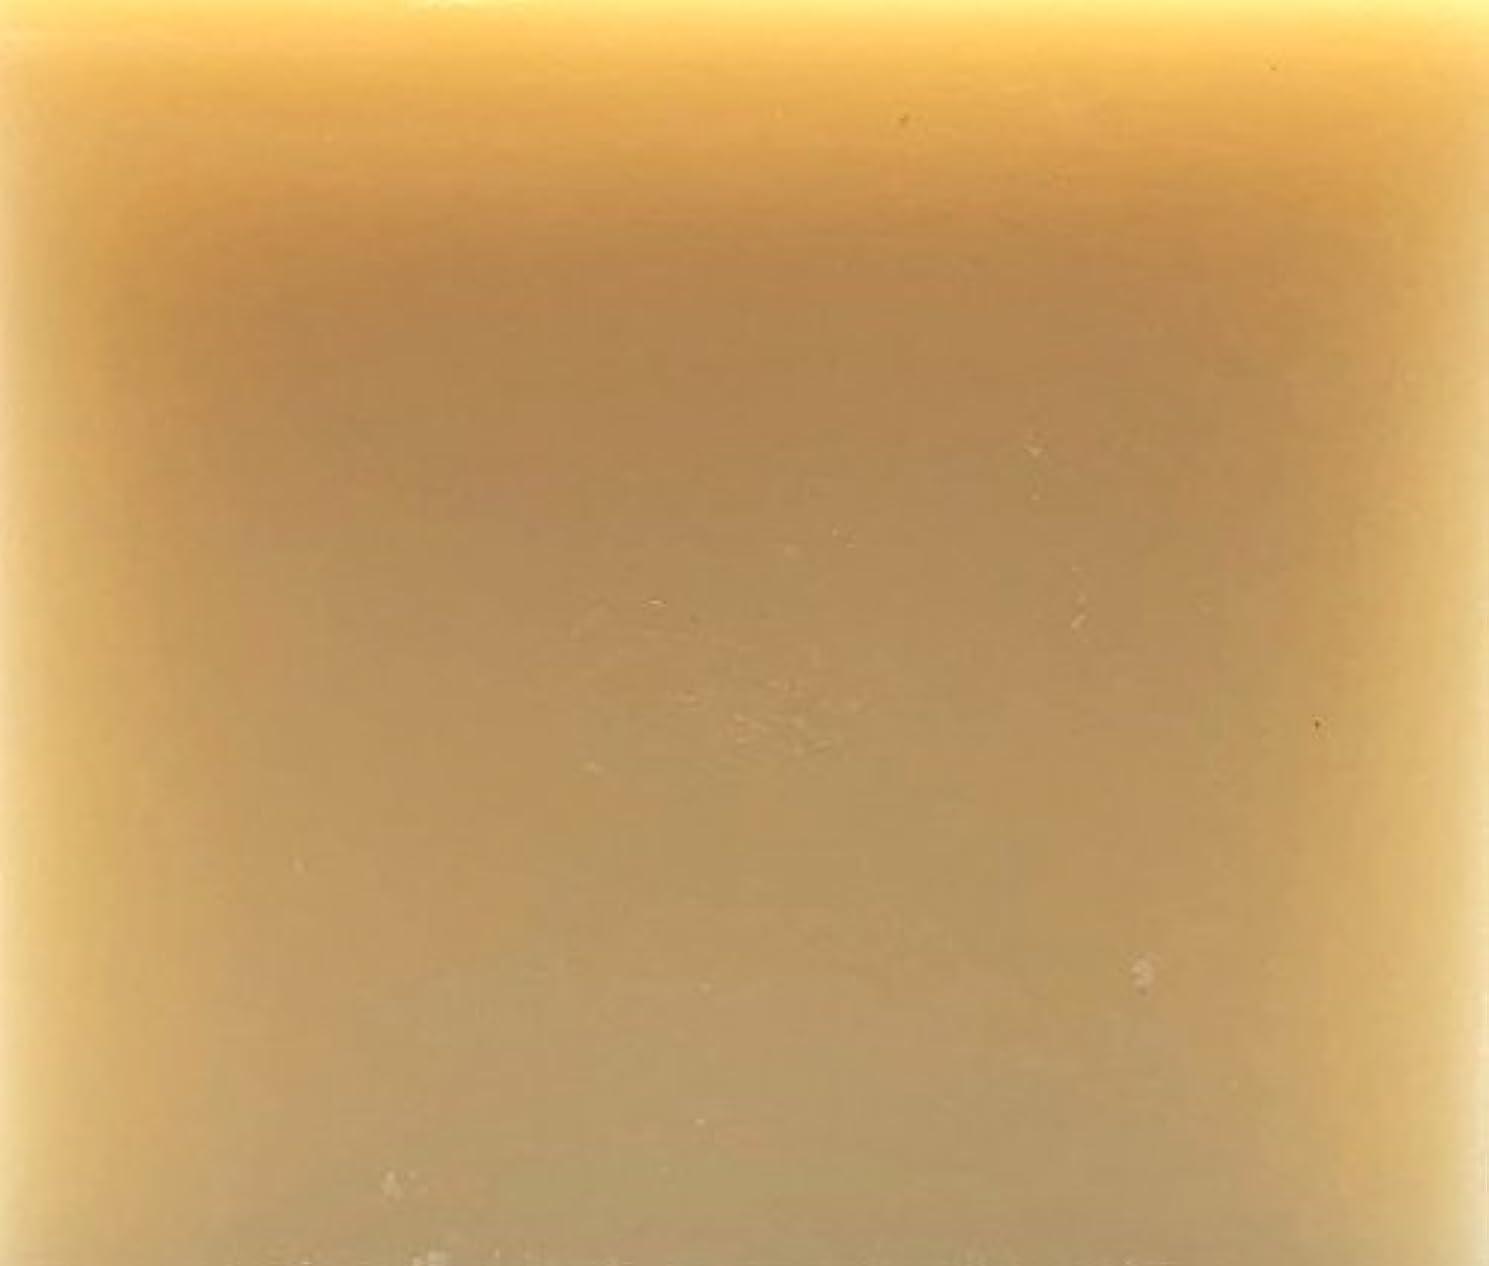 予想する発信洞窟篠山石鹸 ひのき 90g 自家製精油でコールドプロセス製法で作った手作り石けん